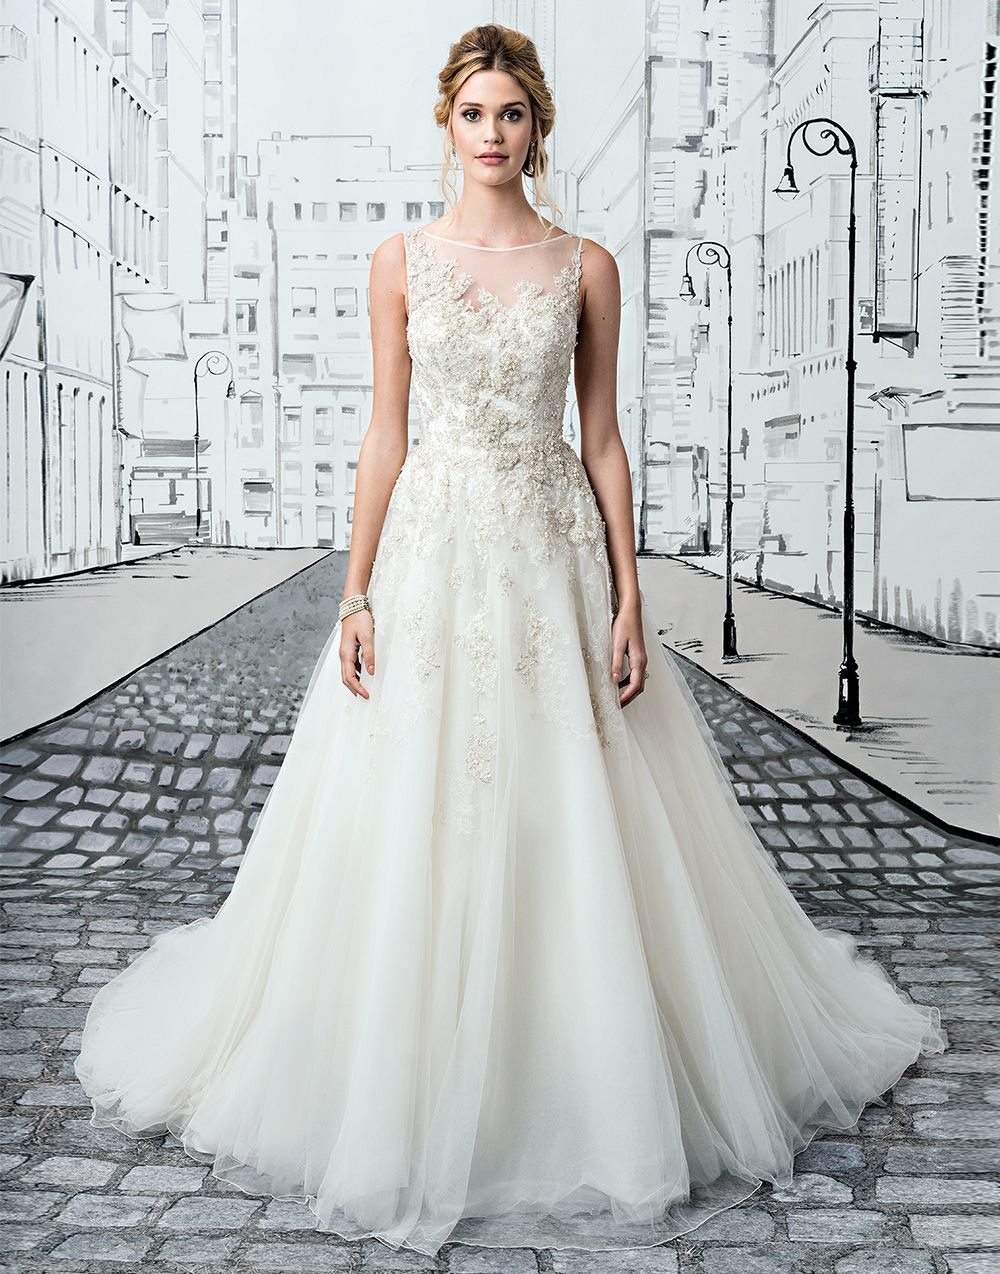 mejores imágenes sobre wedding dress en pinterest satén